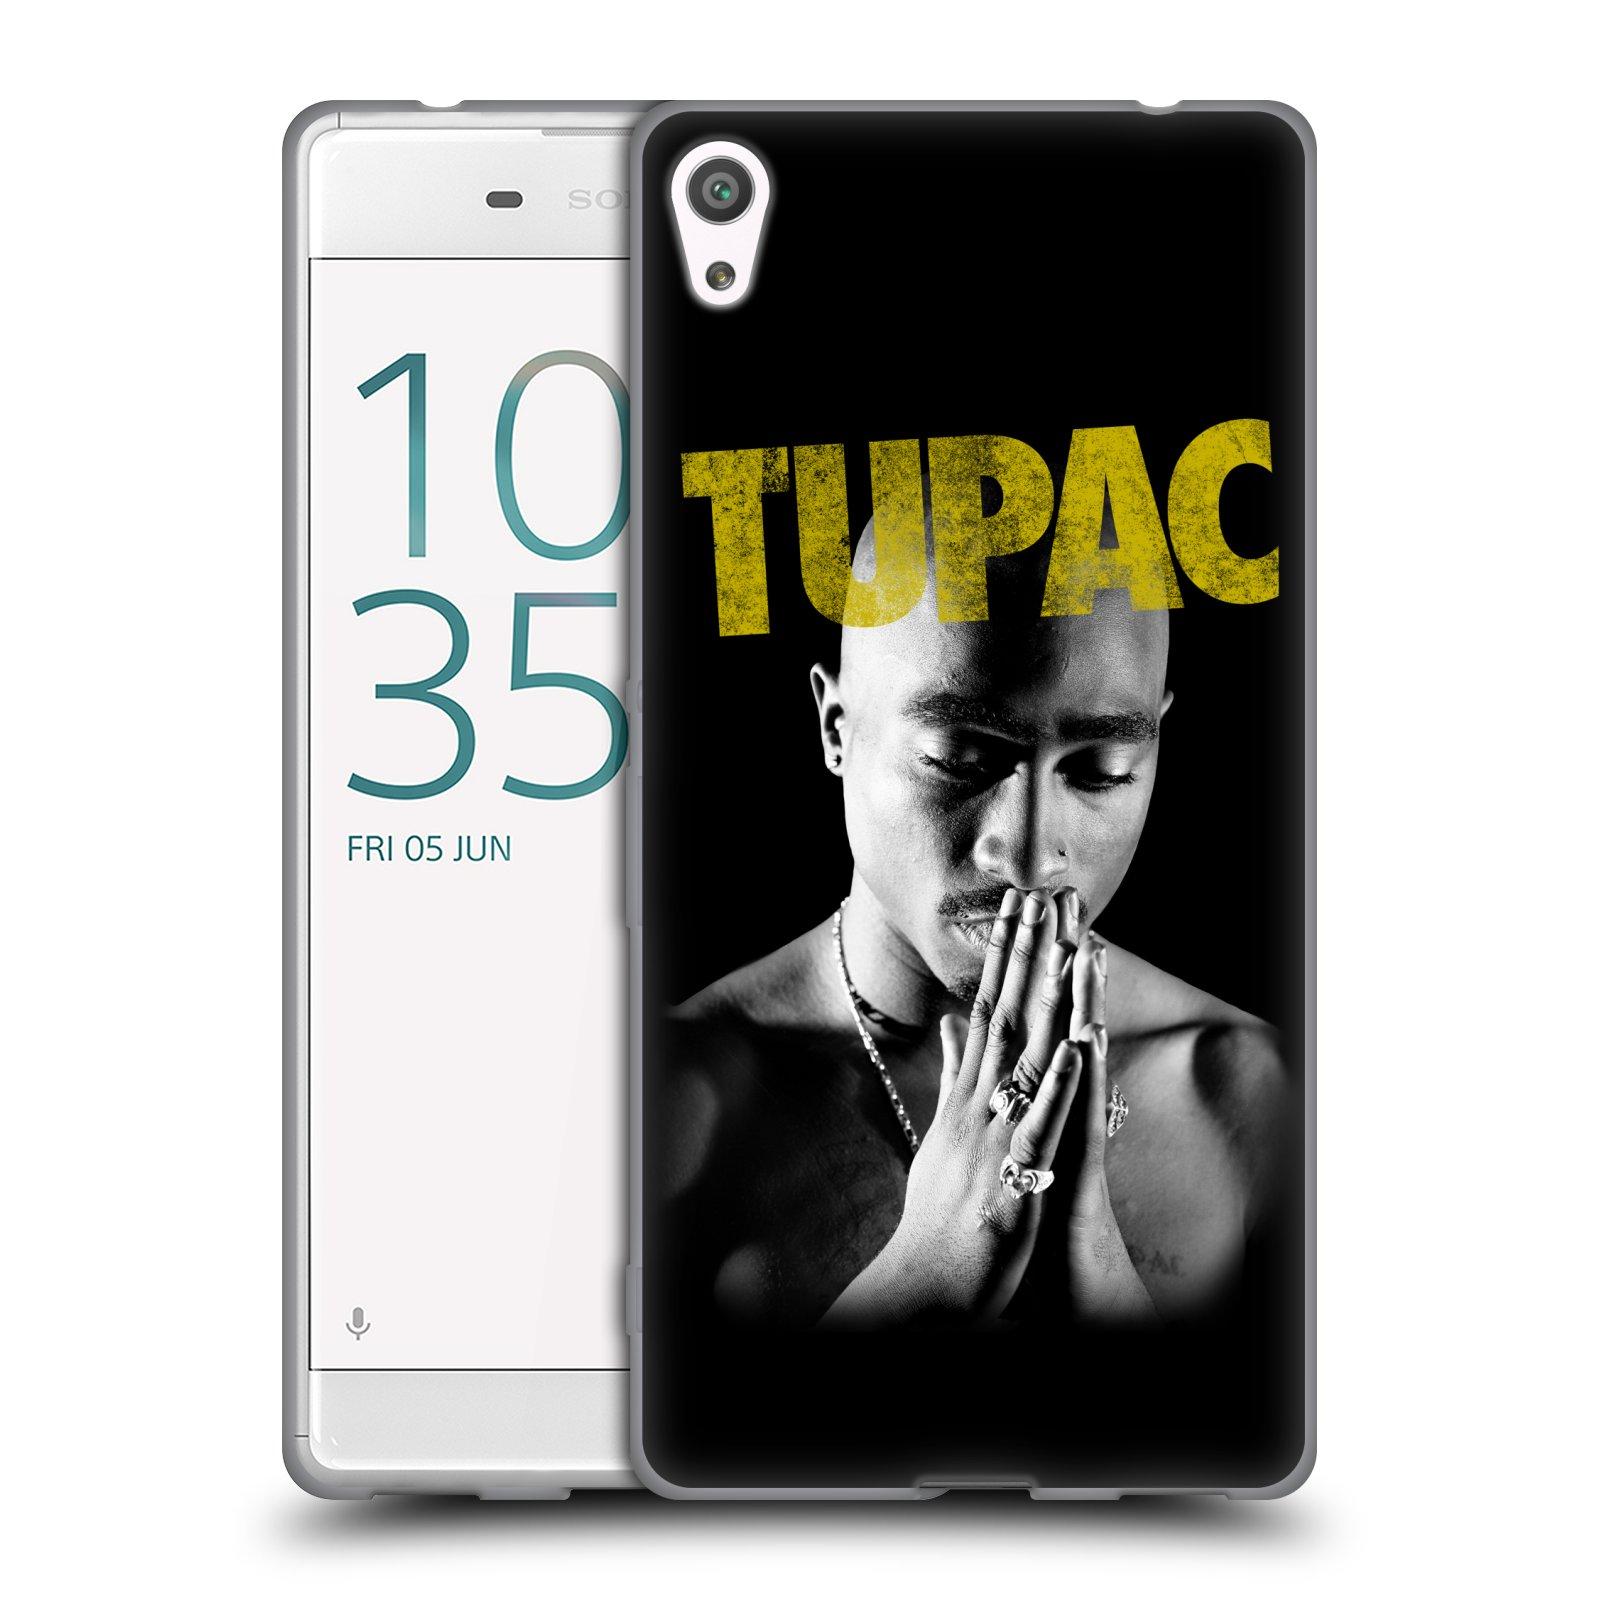 HEAD CASE silikonový obal na mobil Sony Xperia XA ULTRA Zpěvák rapper Tupac Shakur 2Pac zlatý nadpis